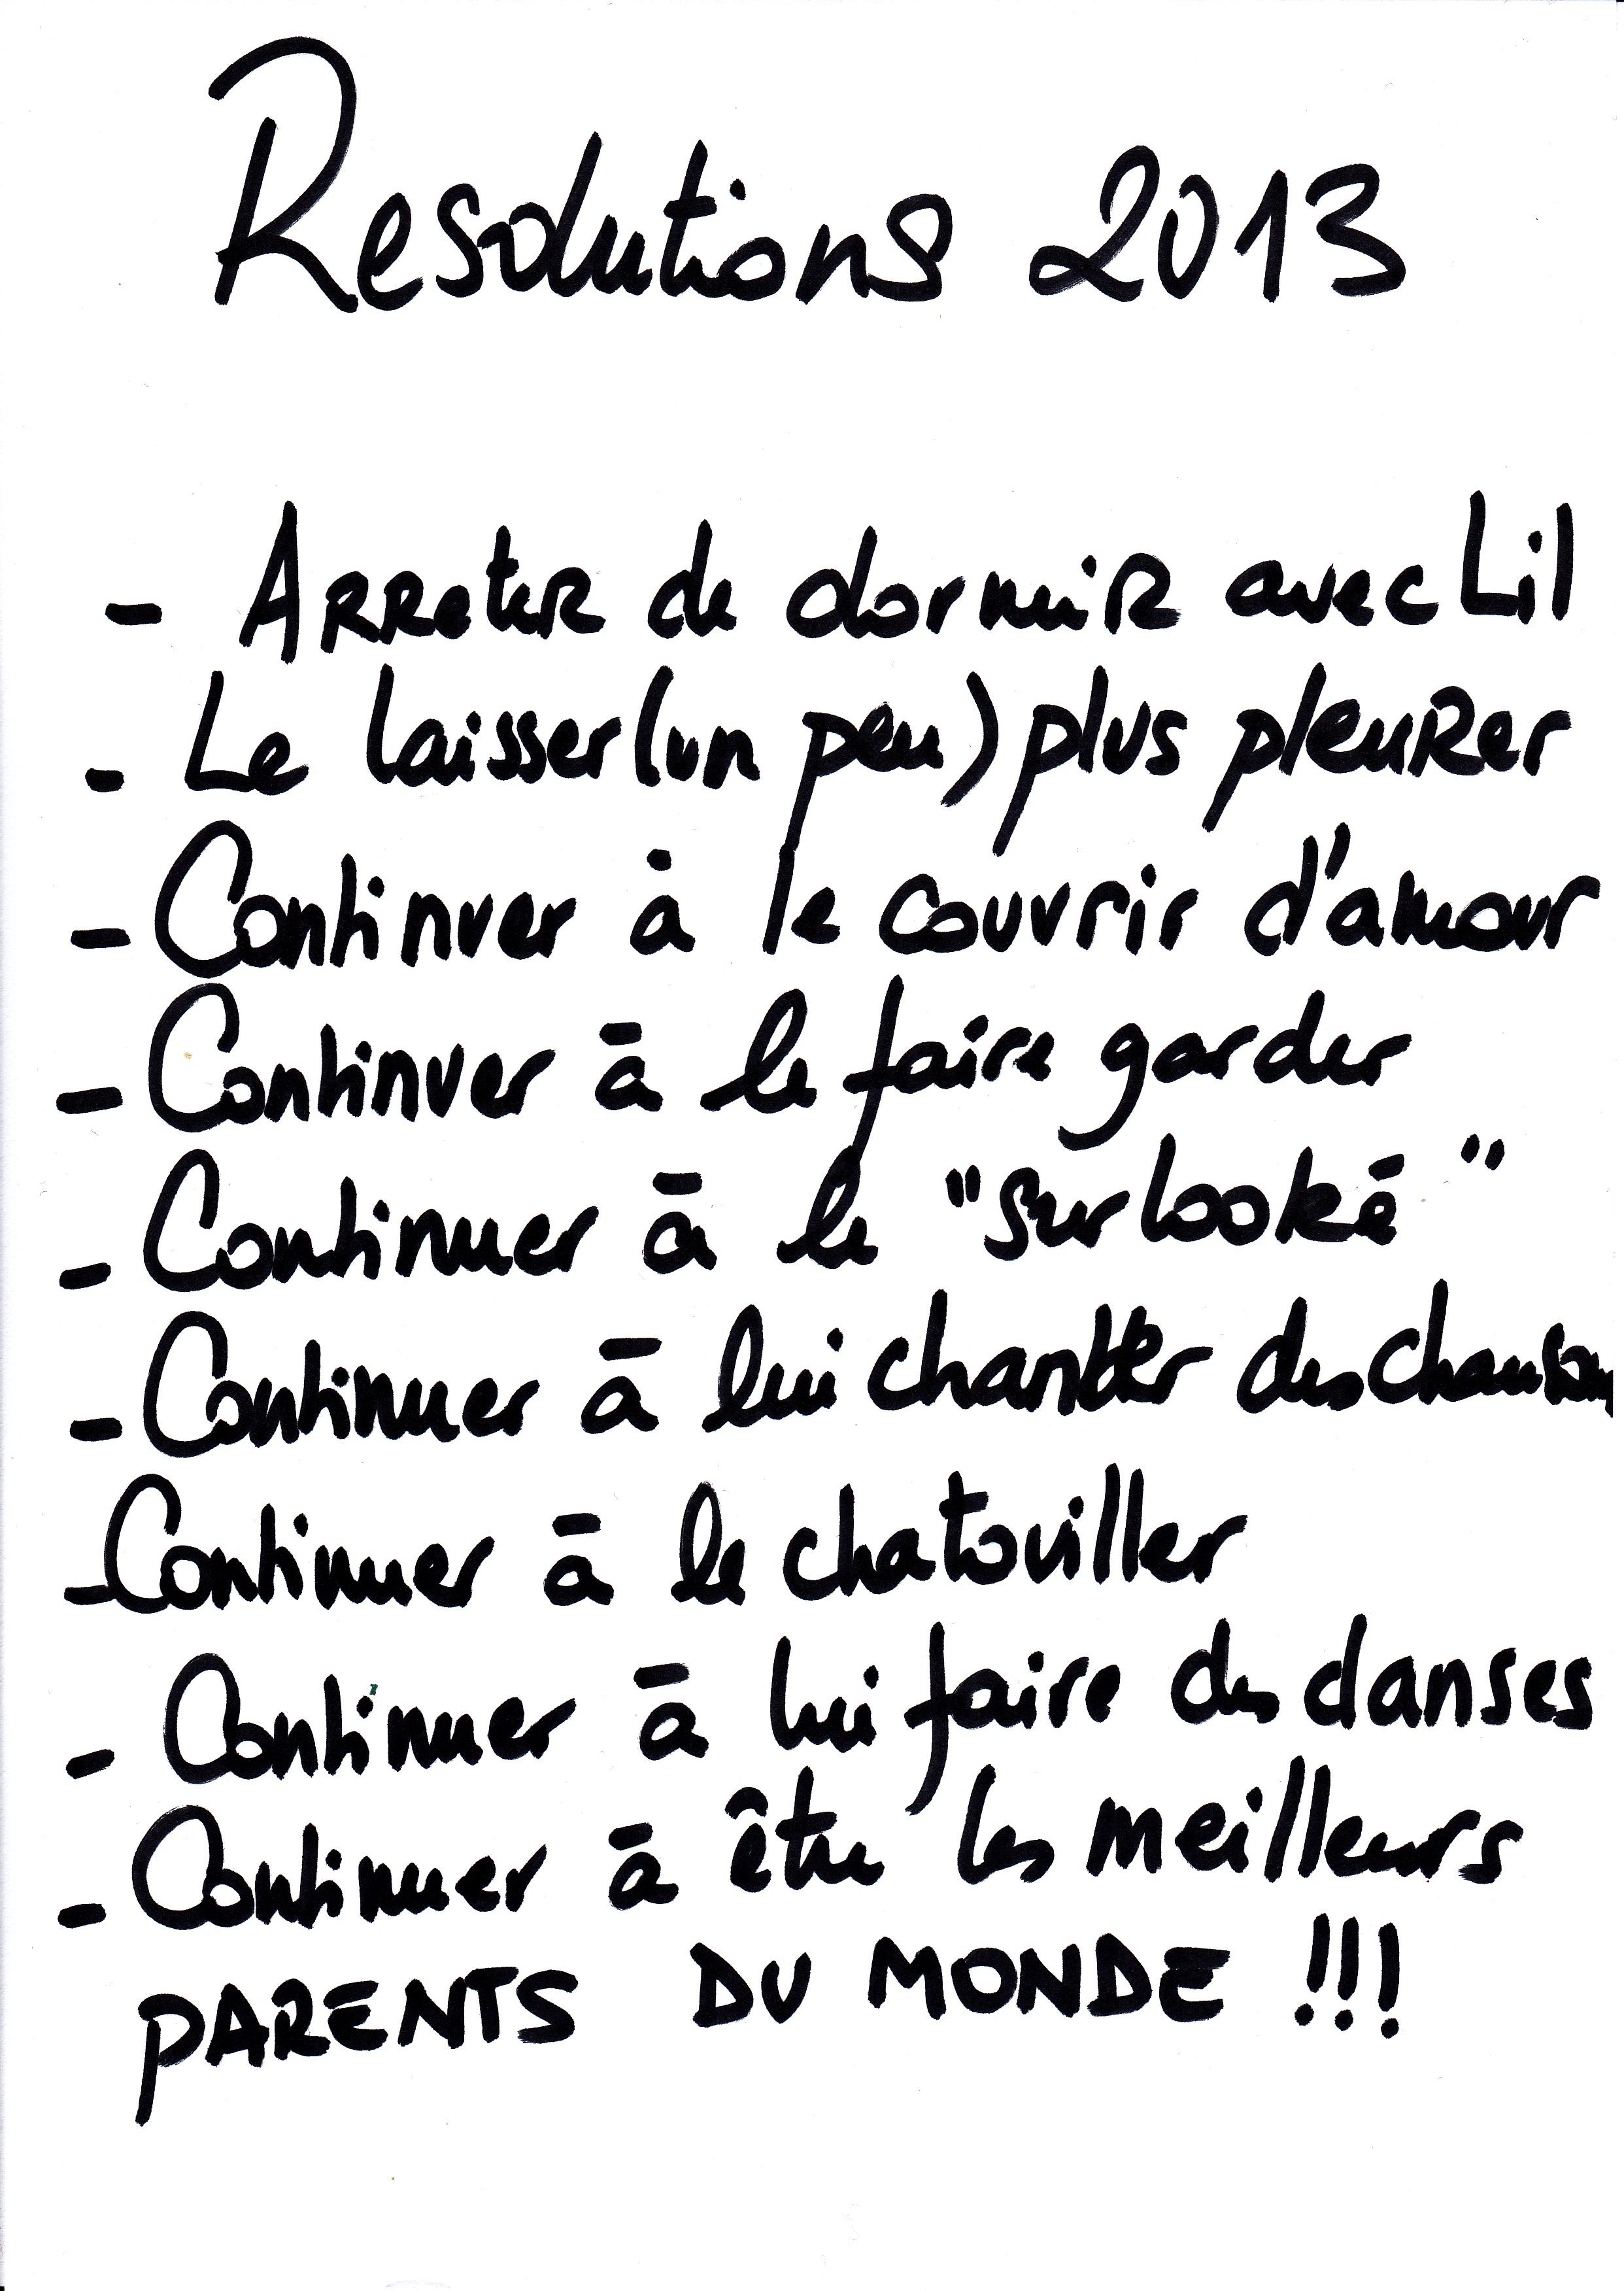 les résolutions de 2013